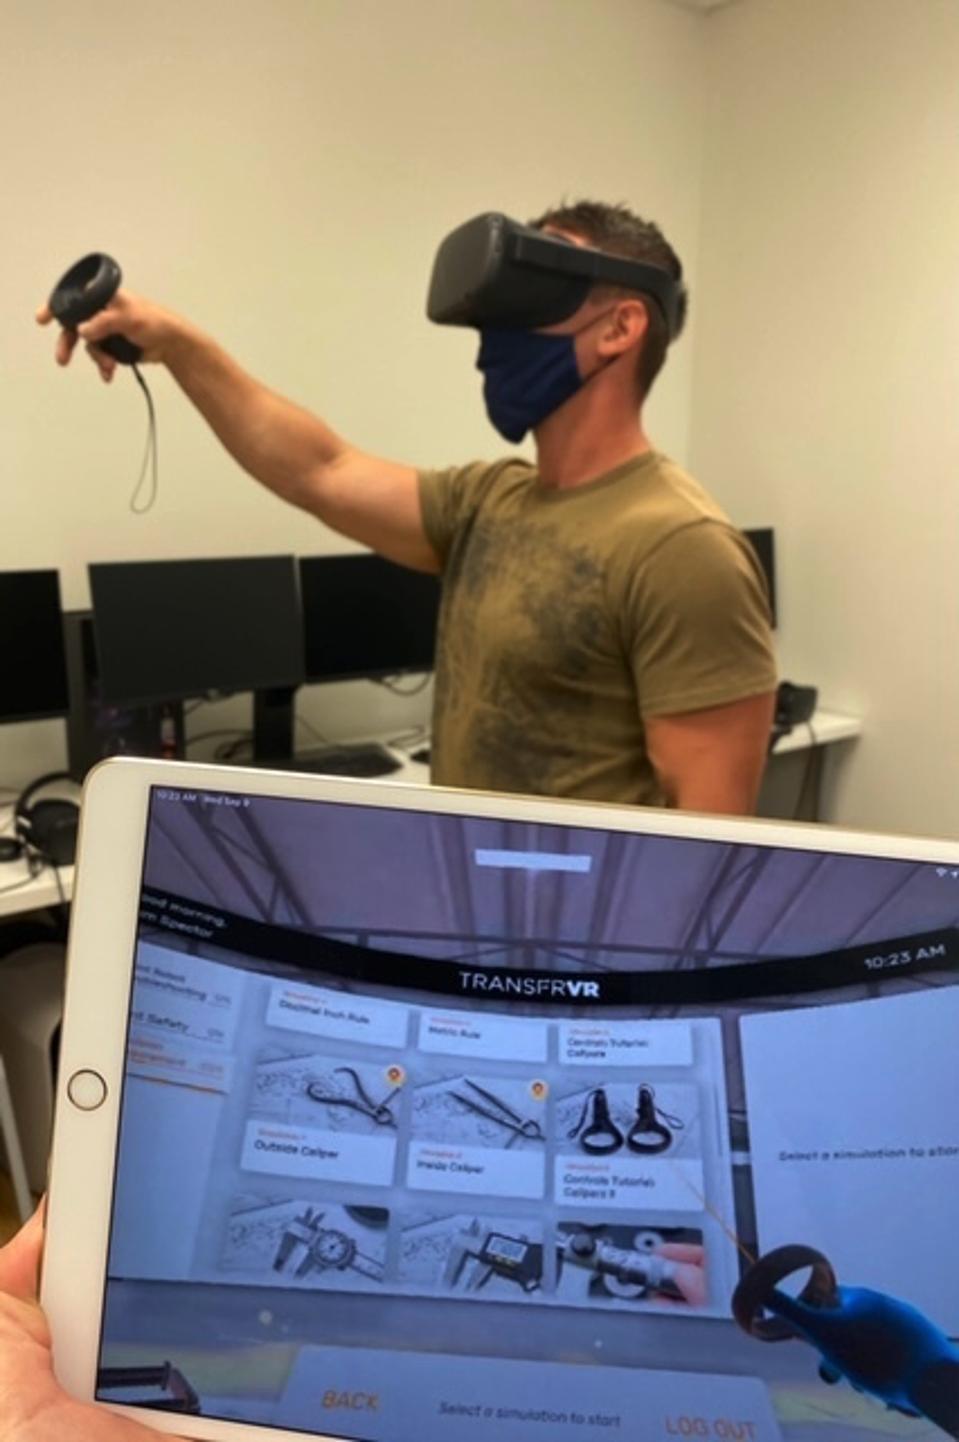 A trainee using TRANSFR's virtual training program.